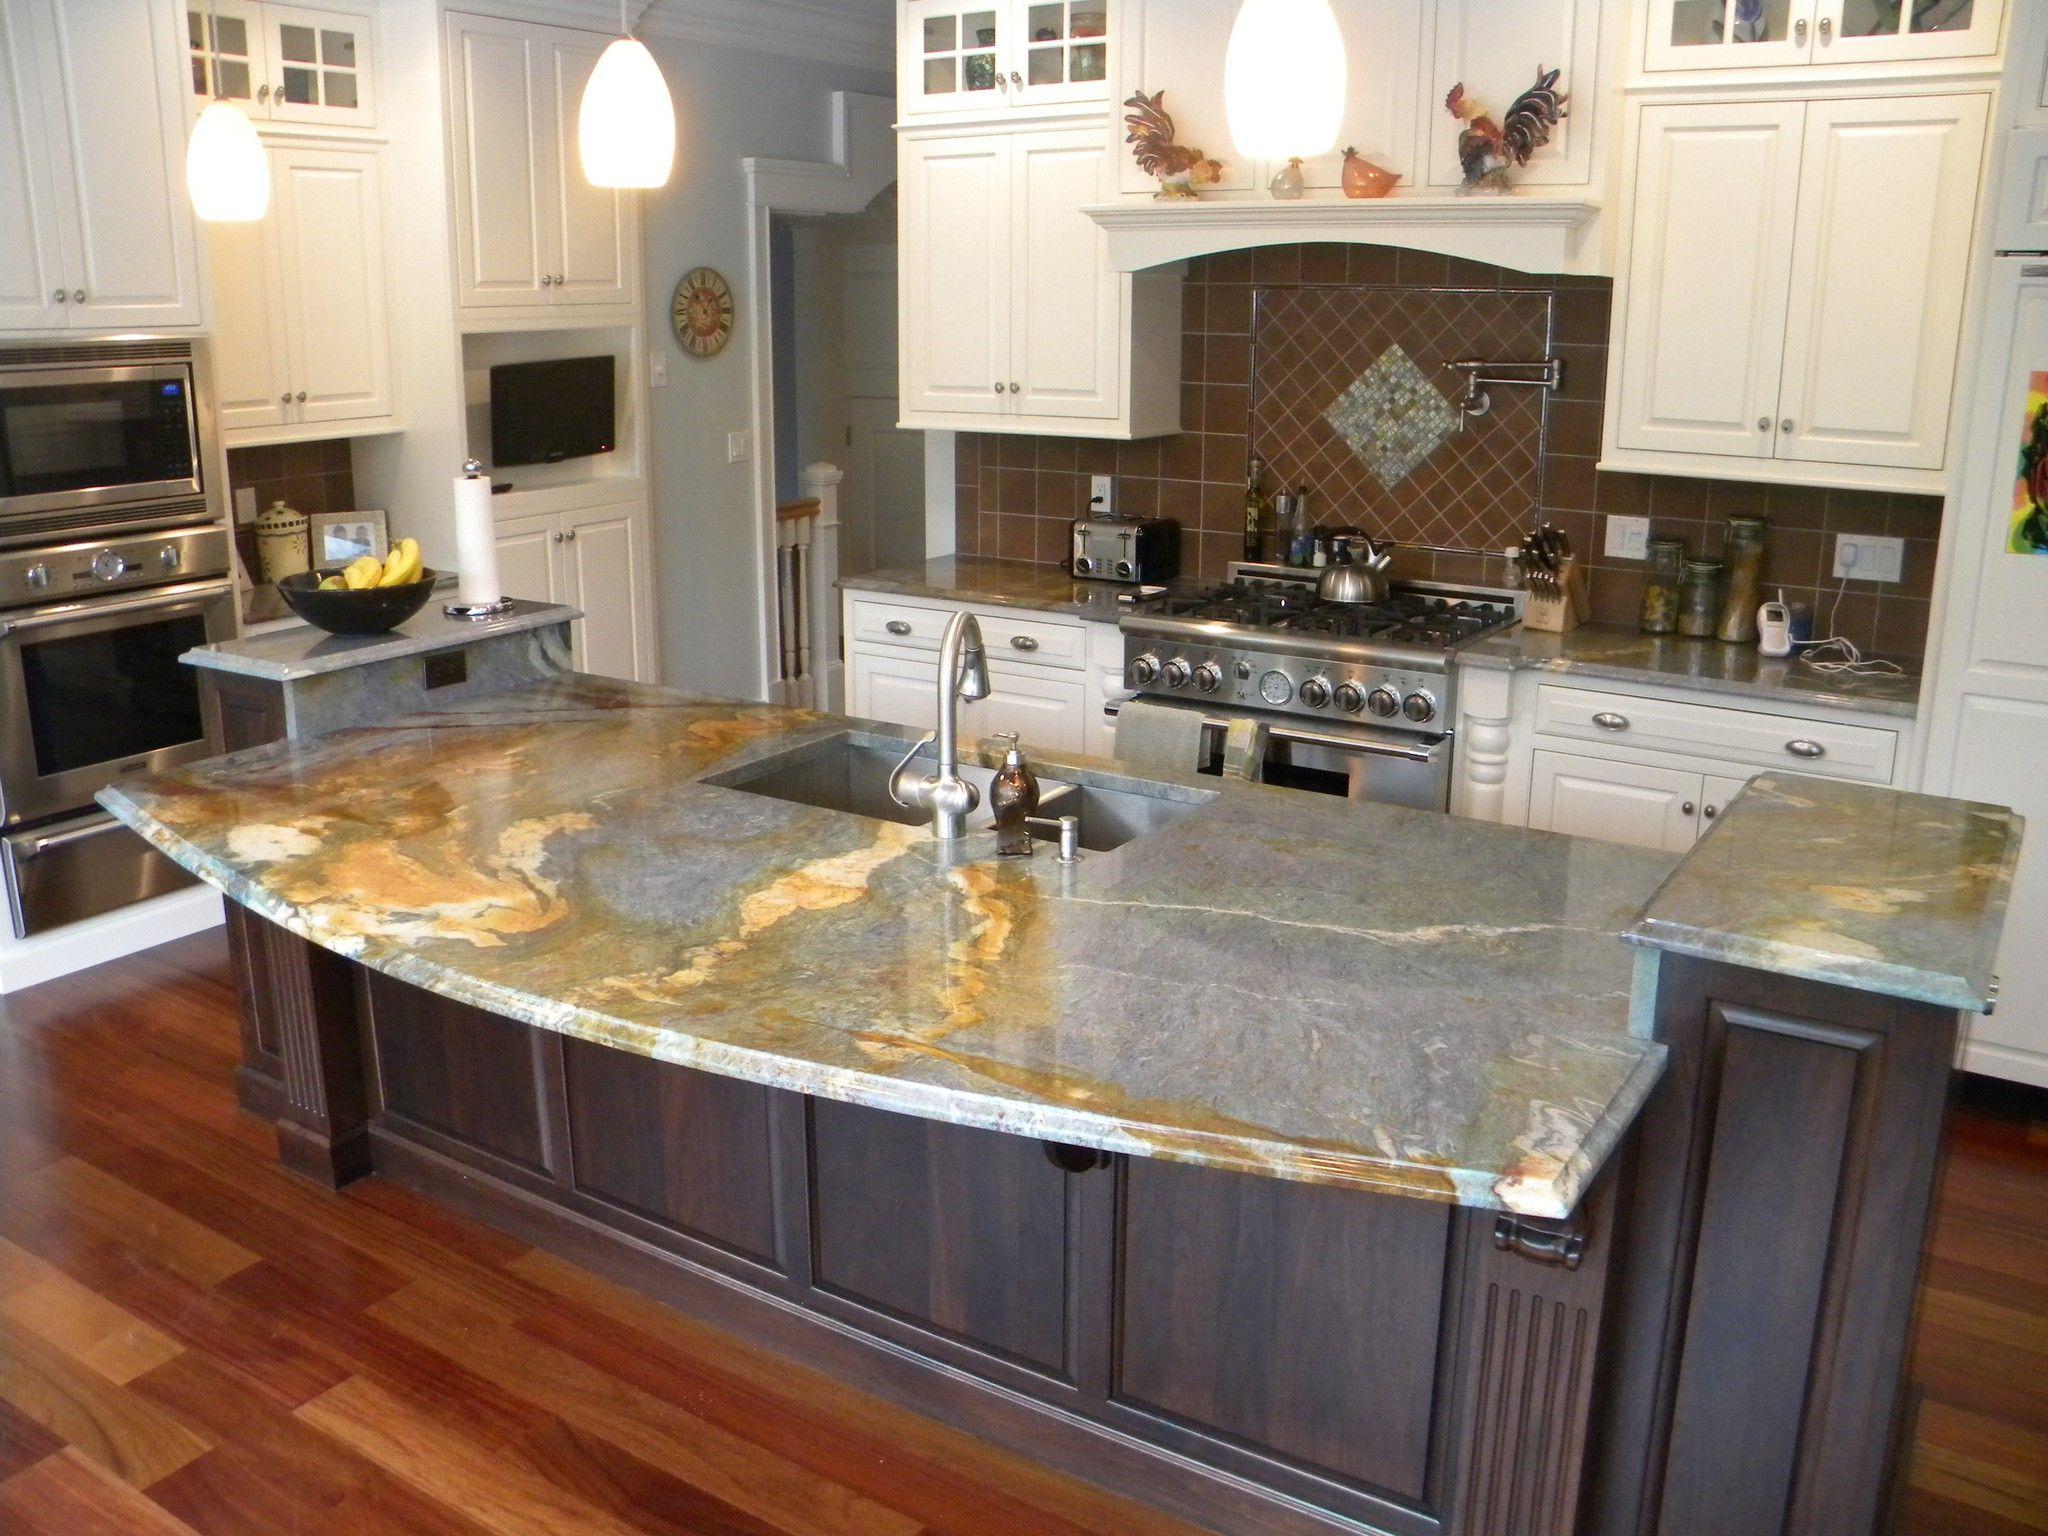 Mass Marble Quartz Granite Kitchen Bathroom Countertops